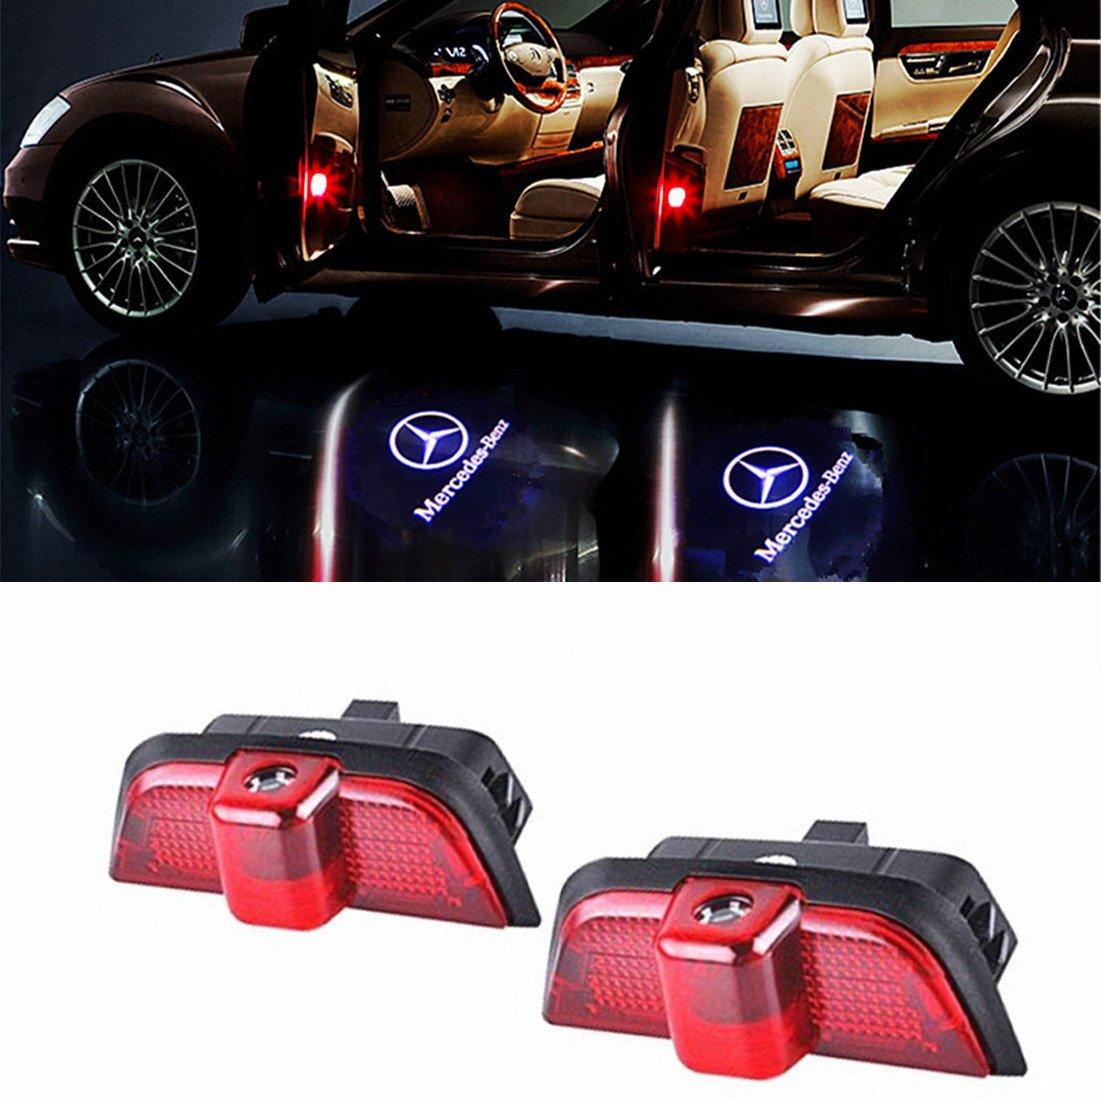 Einstiegsbeleuchtung Door Licht Laser Projektor Logo fü r A3 A4 A5 A6 A8 Q5 Q7 TT R8 A4L A6L A8L WFB WFB 88